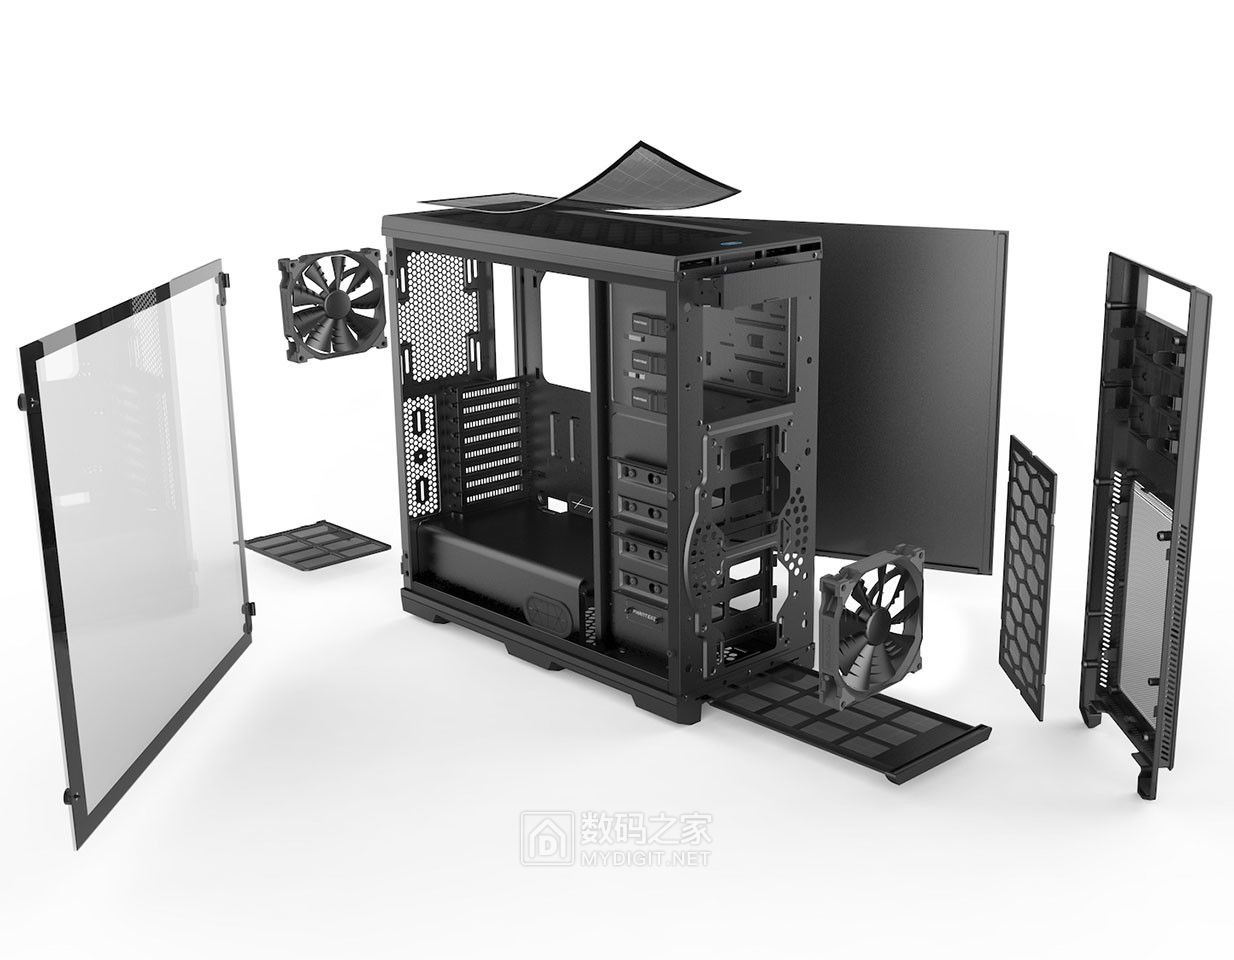 贴心防尘操作面板+魔术扩展空间 追风者第二代Enthoo PRO全塔机箱